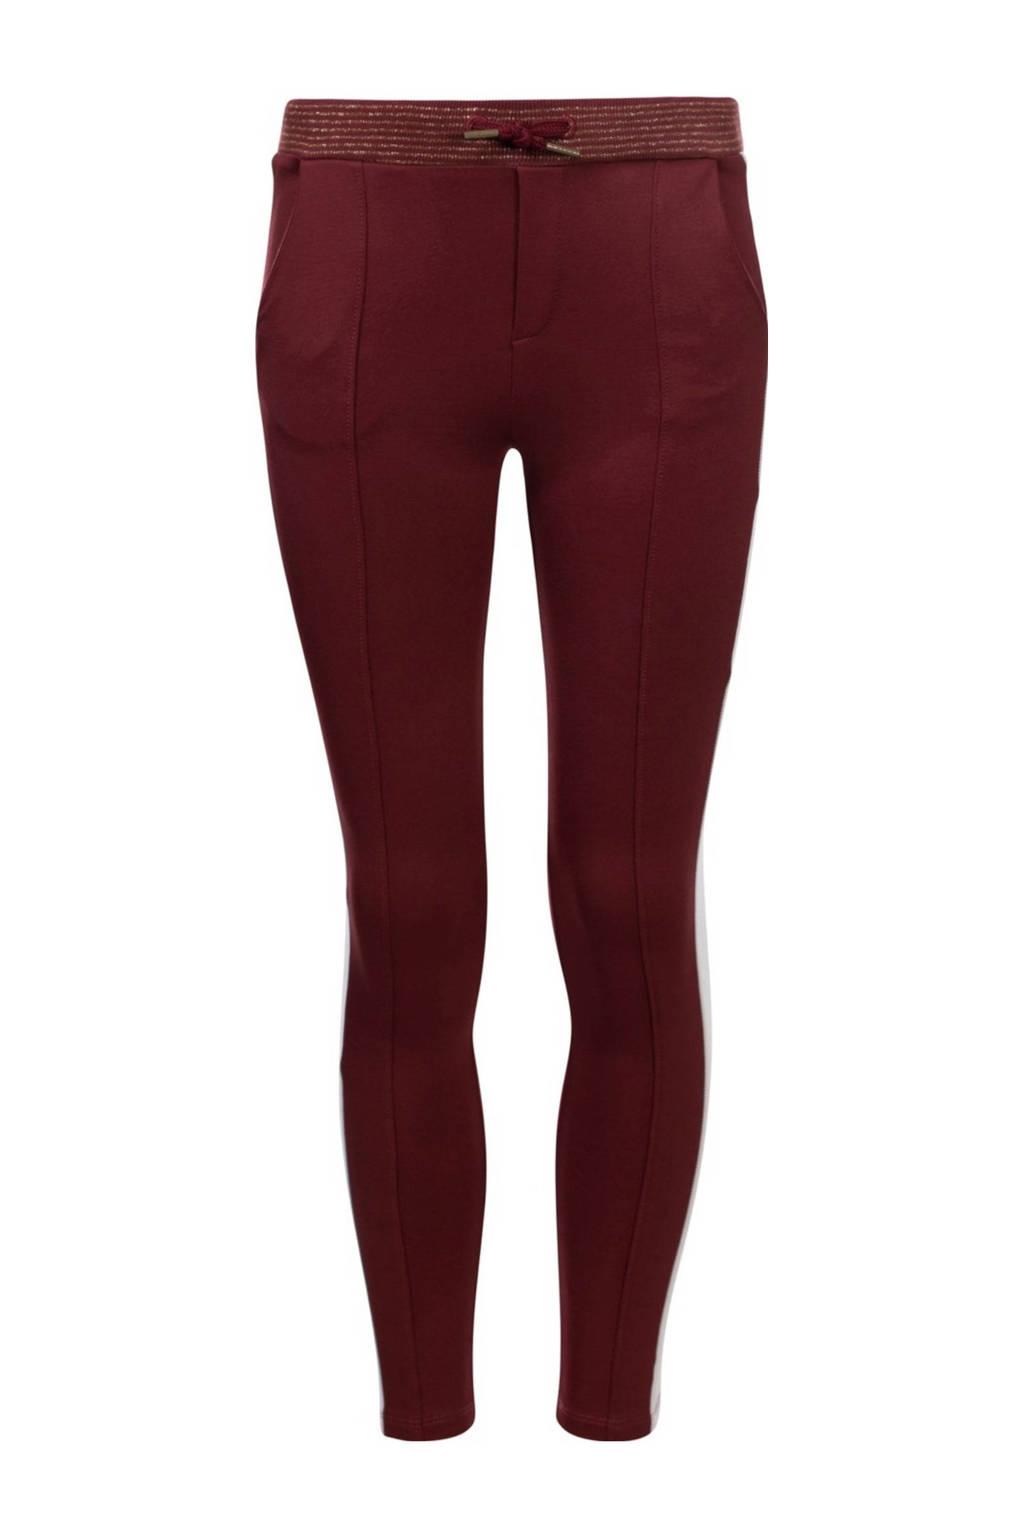 LOOXS little slim fit broek met zijstreep wijnrood/offwhite, Wijnrood/offwhite